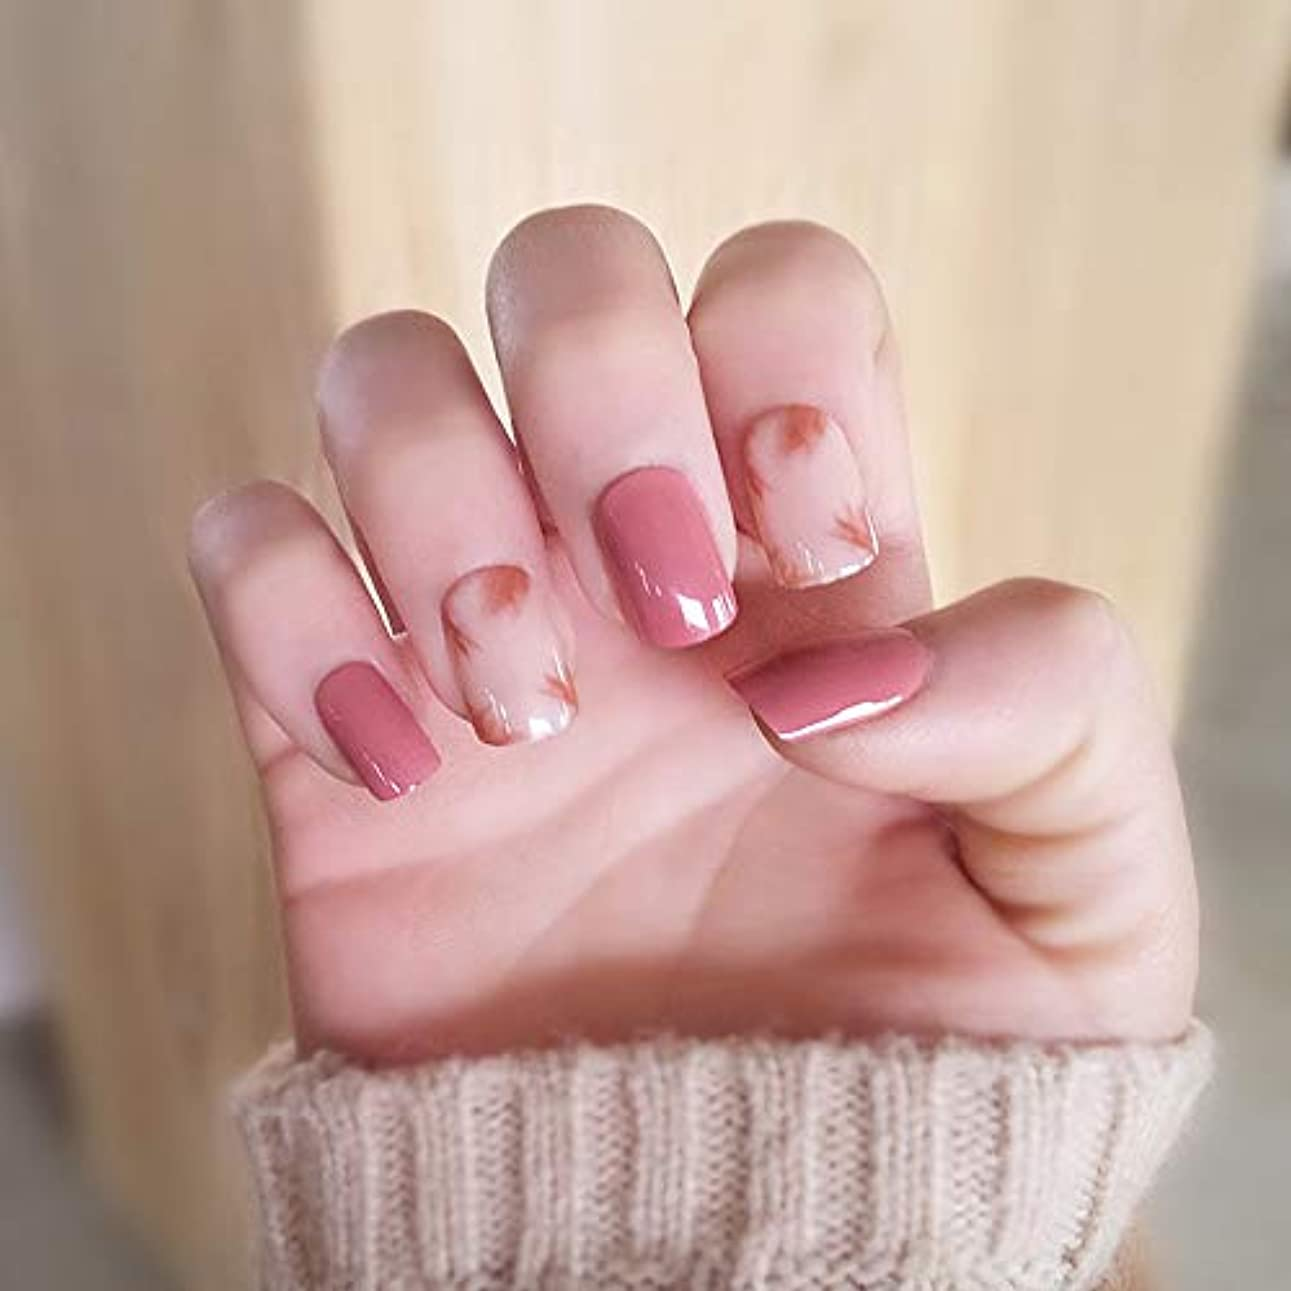 フィールド大使館本XUTXZKA 家のためのネイルのヒントに24個/セットキラキラつま先偽の爪ピンクの短い正方形のプレス